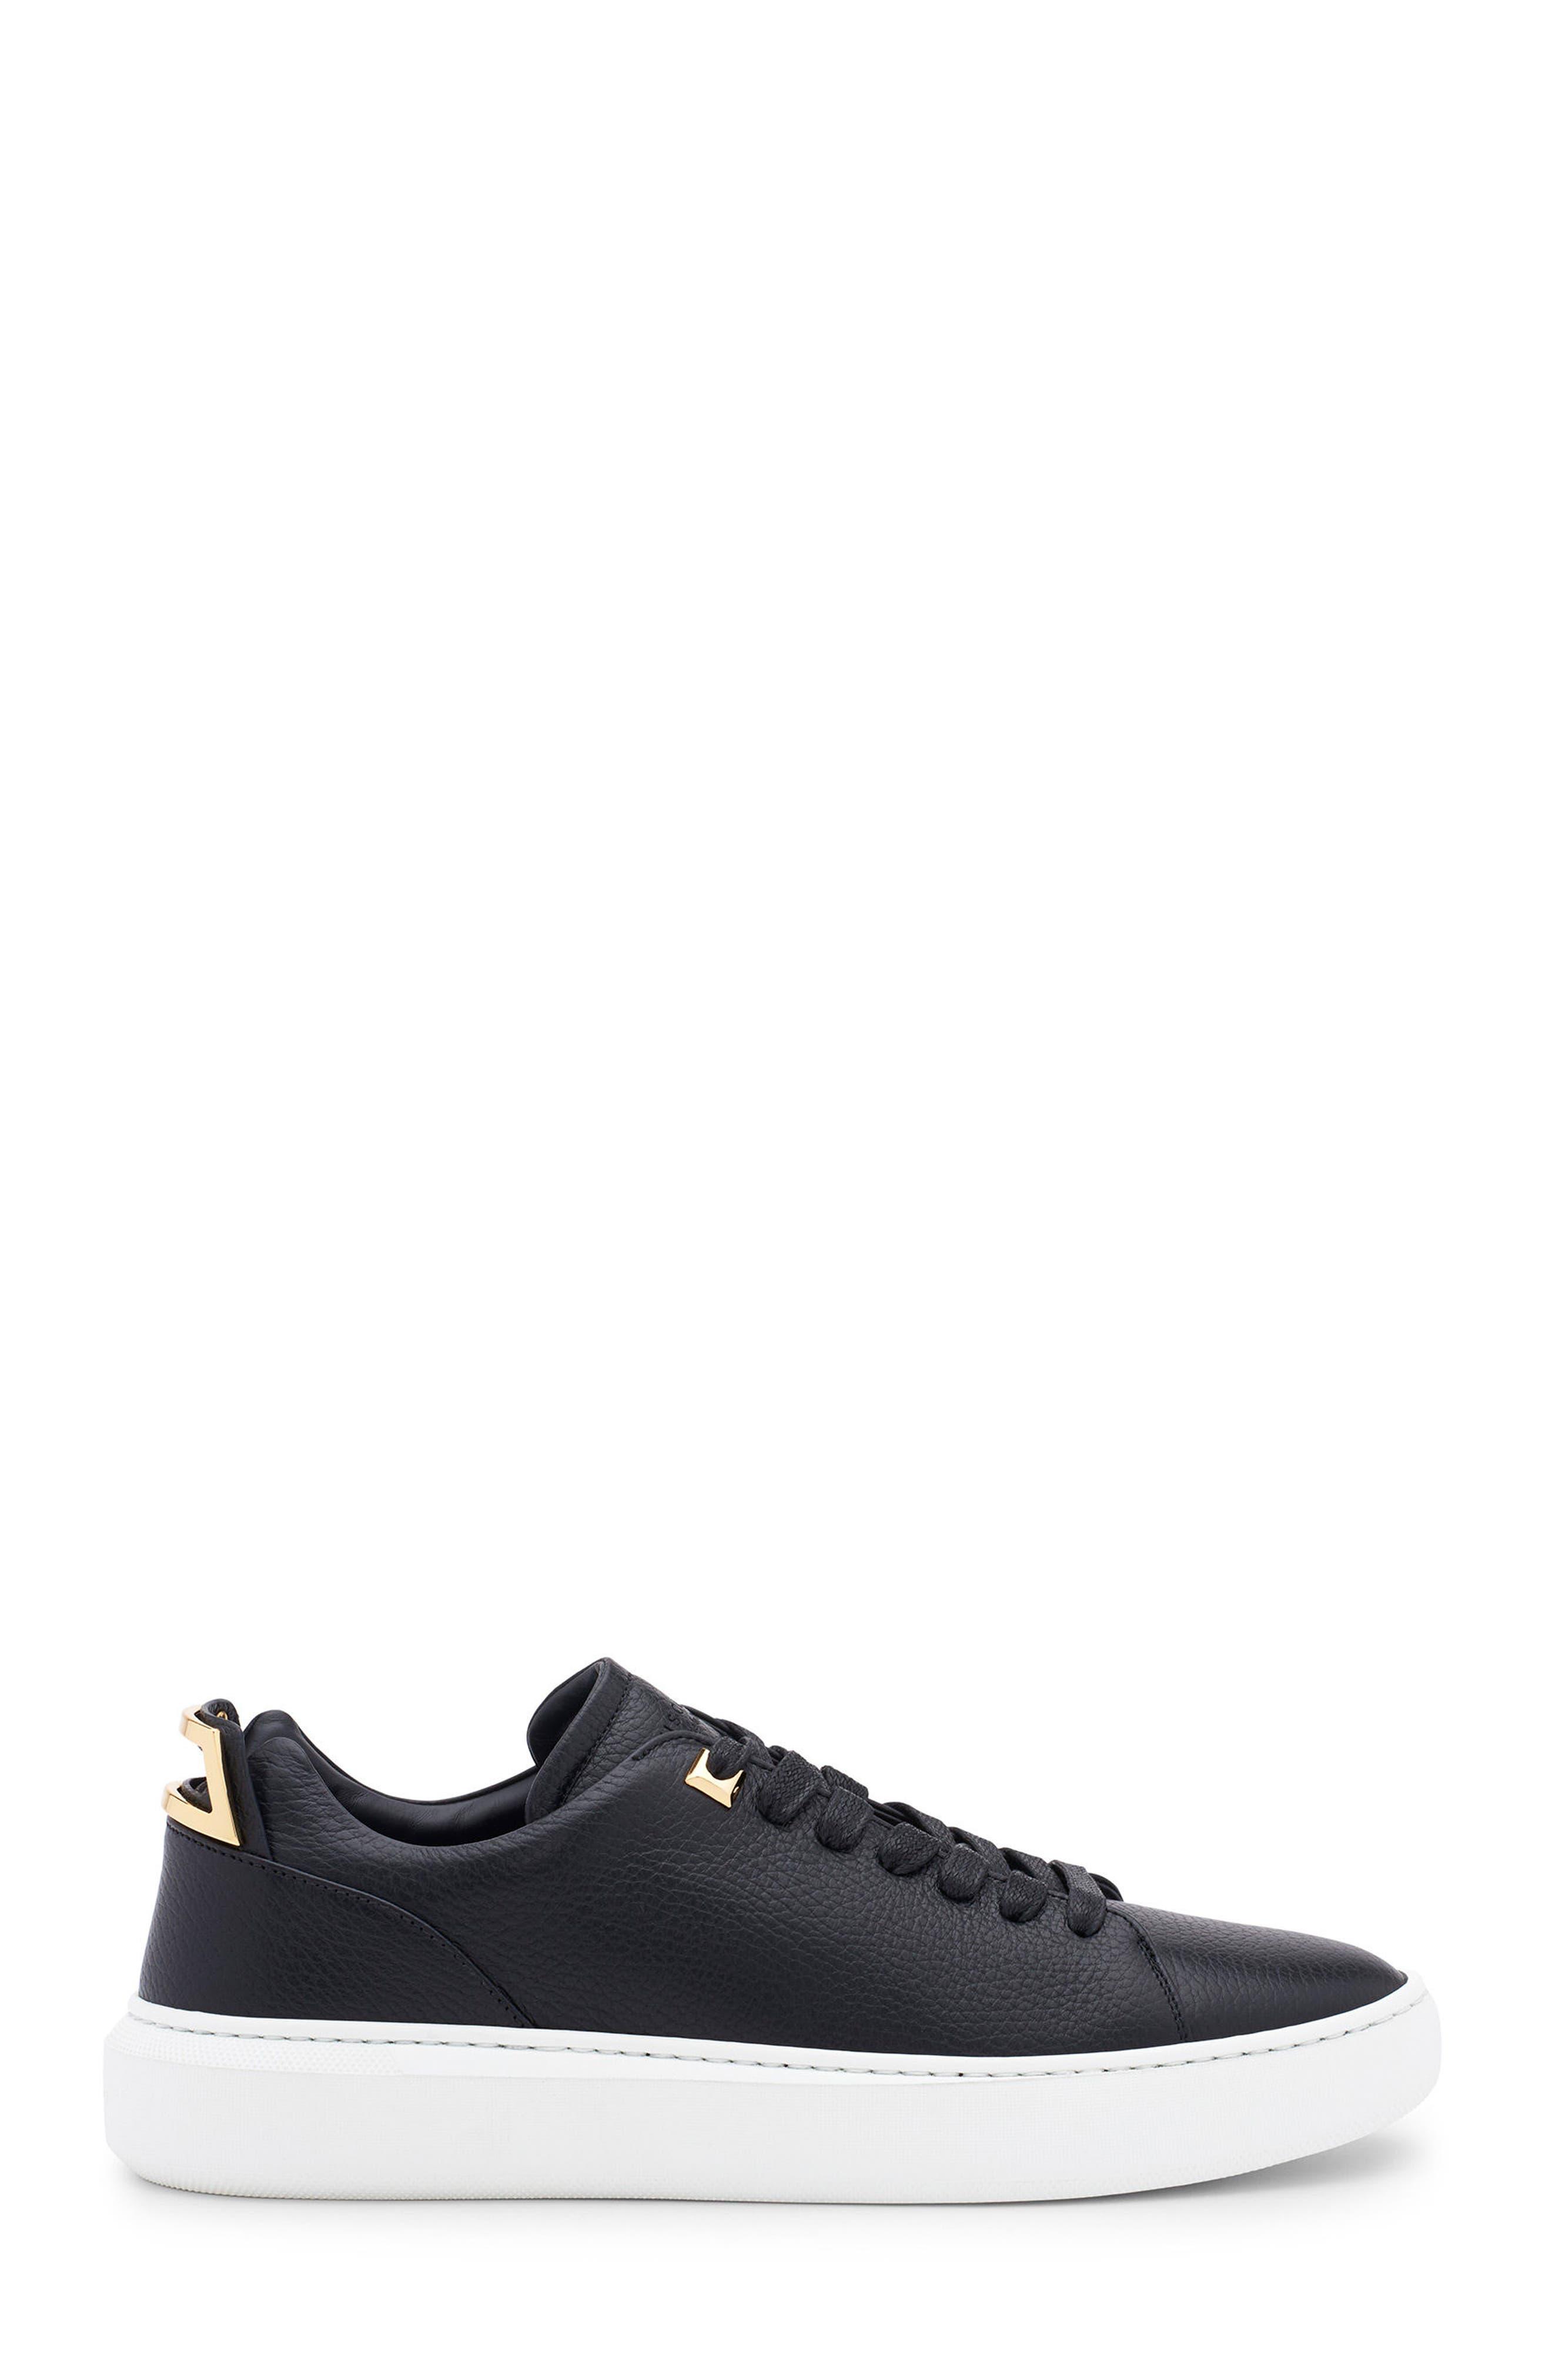 Alternate Image 2  - Buscemi Uno Low Top Sneaker (Women)